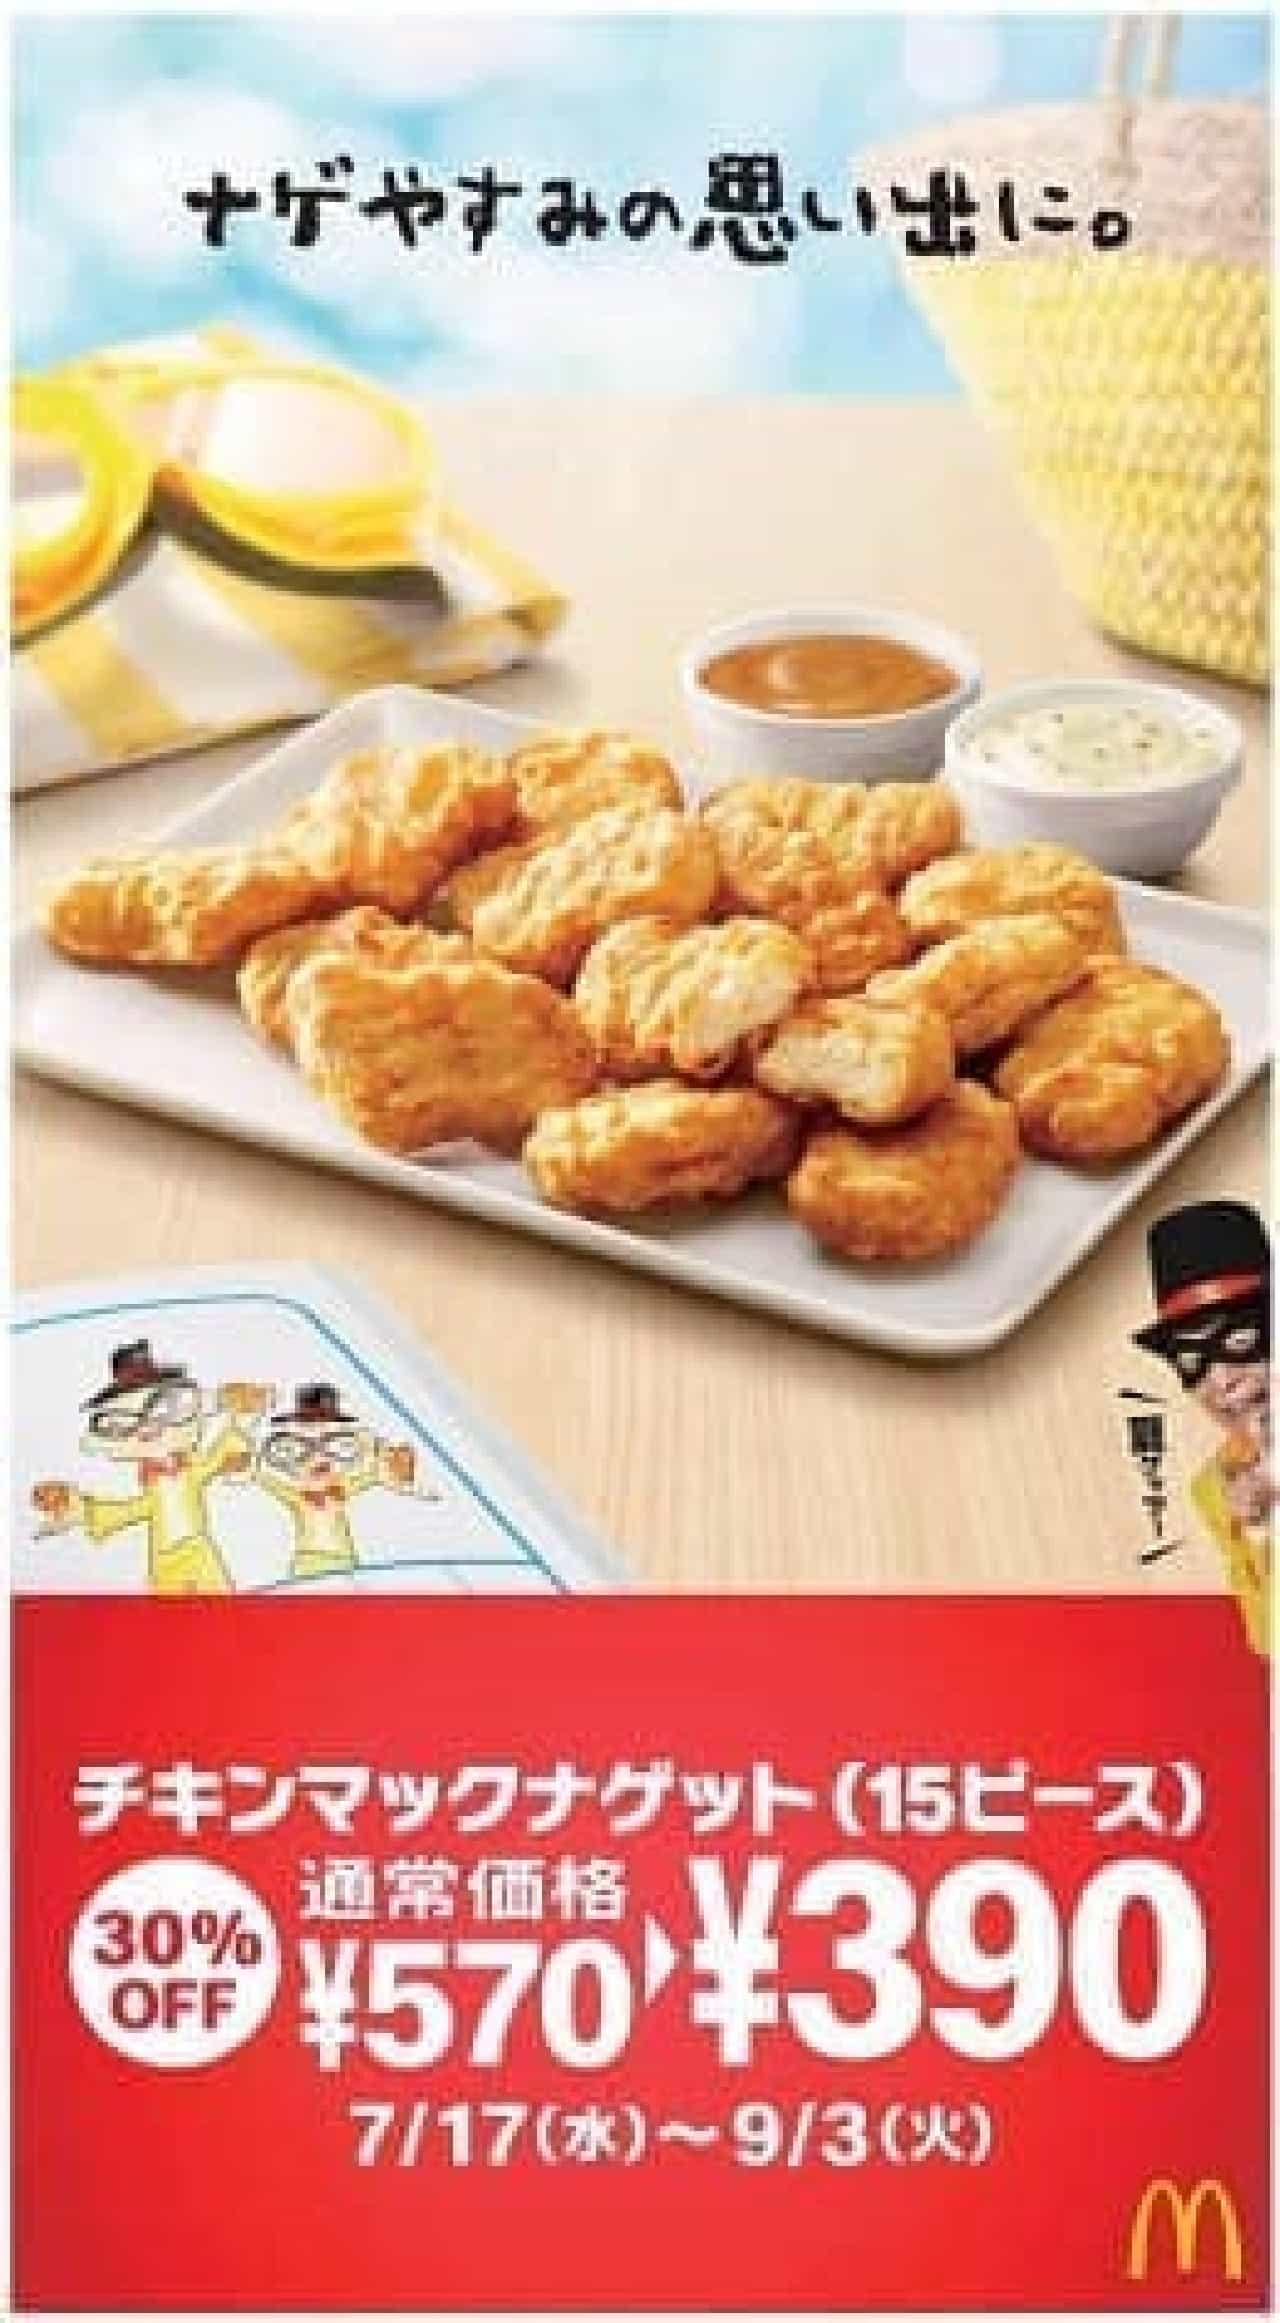 マクドナルド「チキンマックナゲット 15ピース」が30%OFFの特別価格390円に